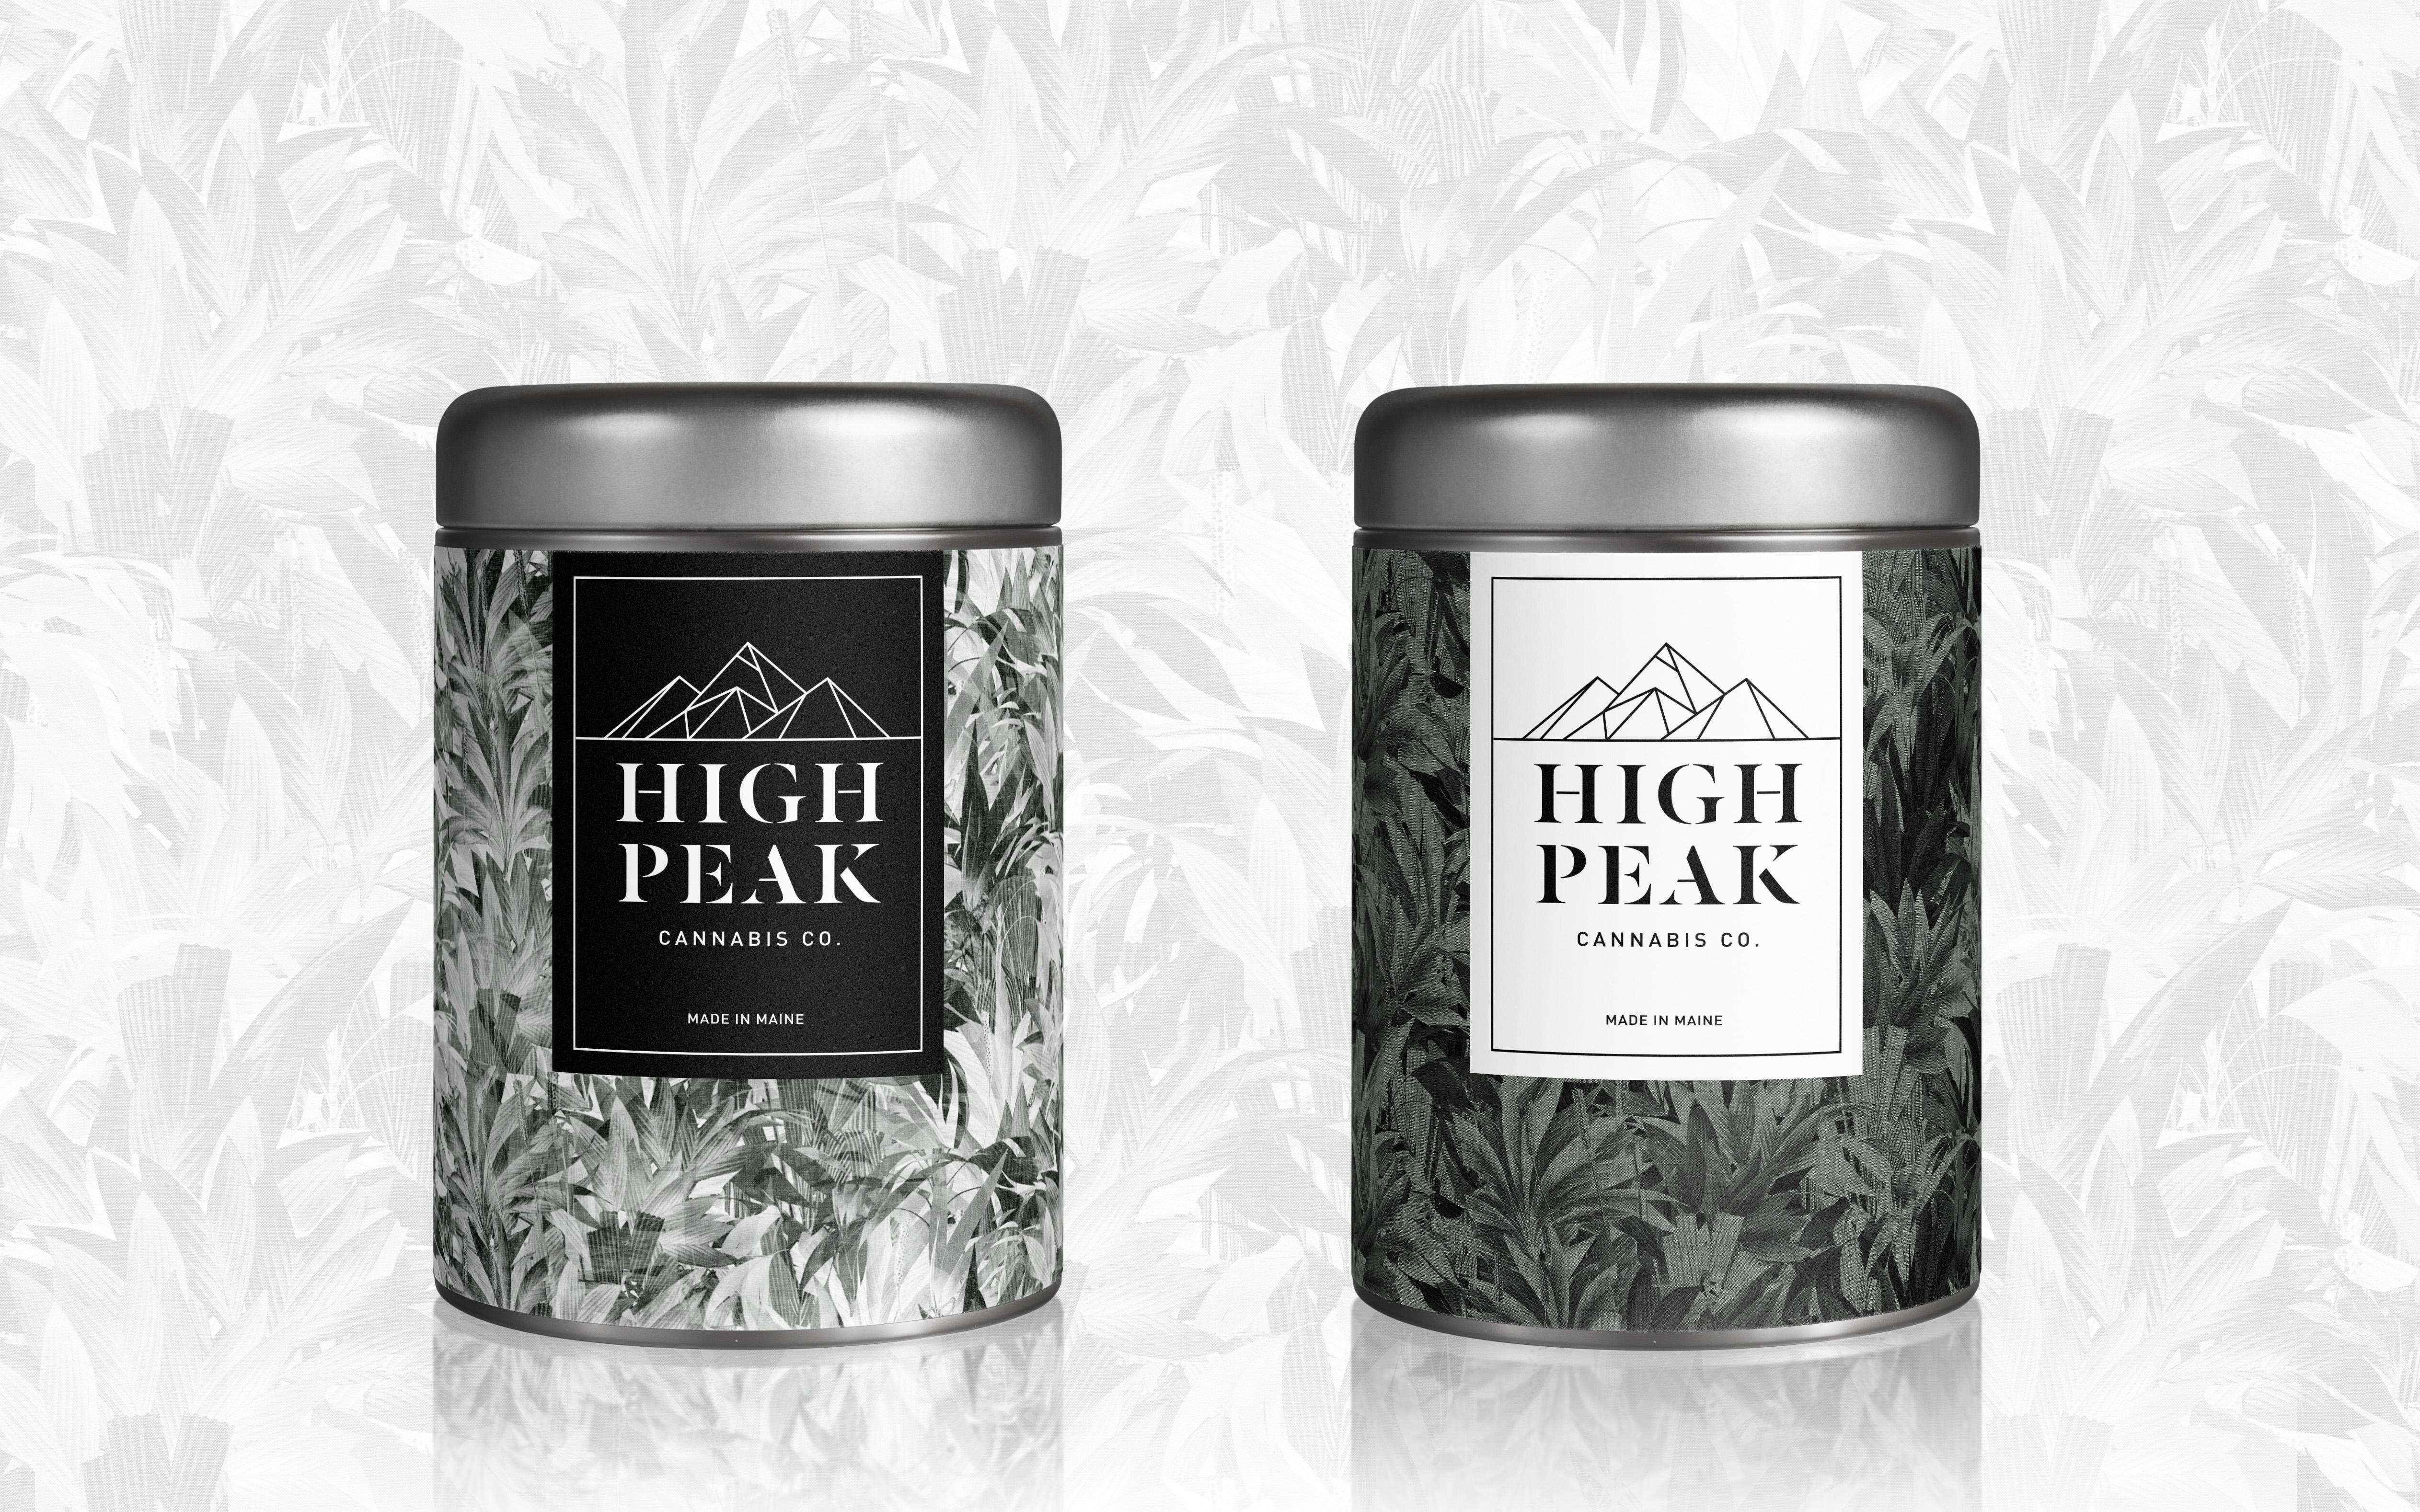 High Peak Cannabis